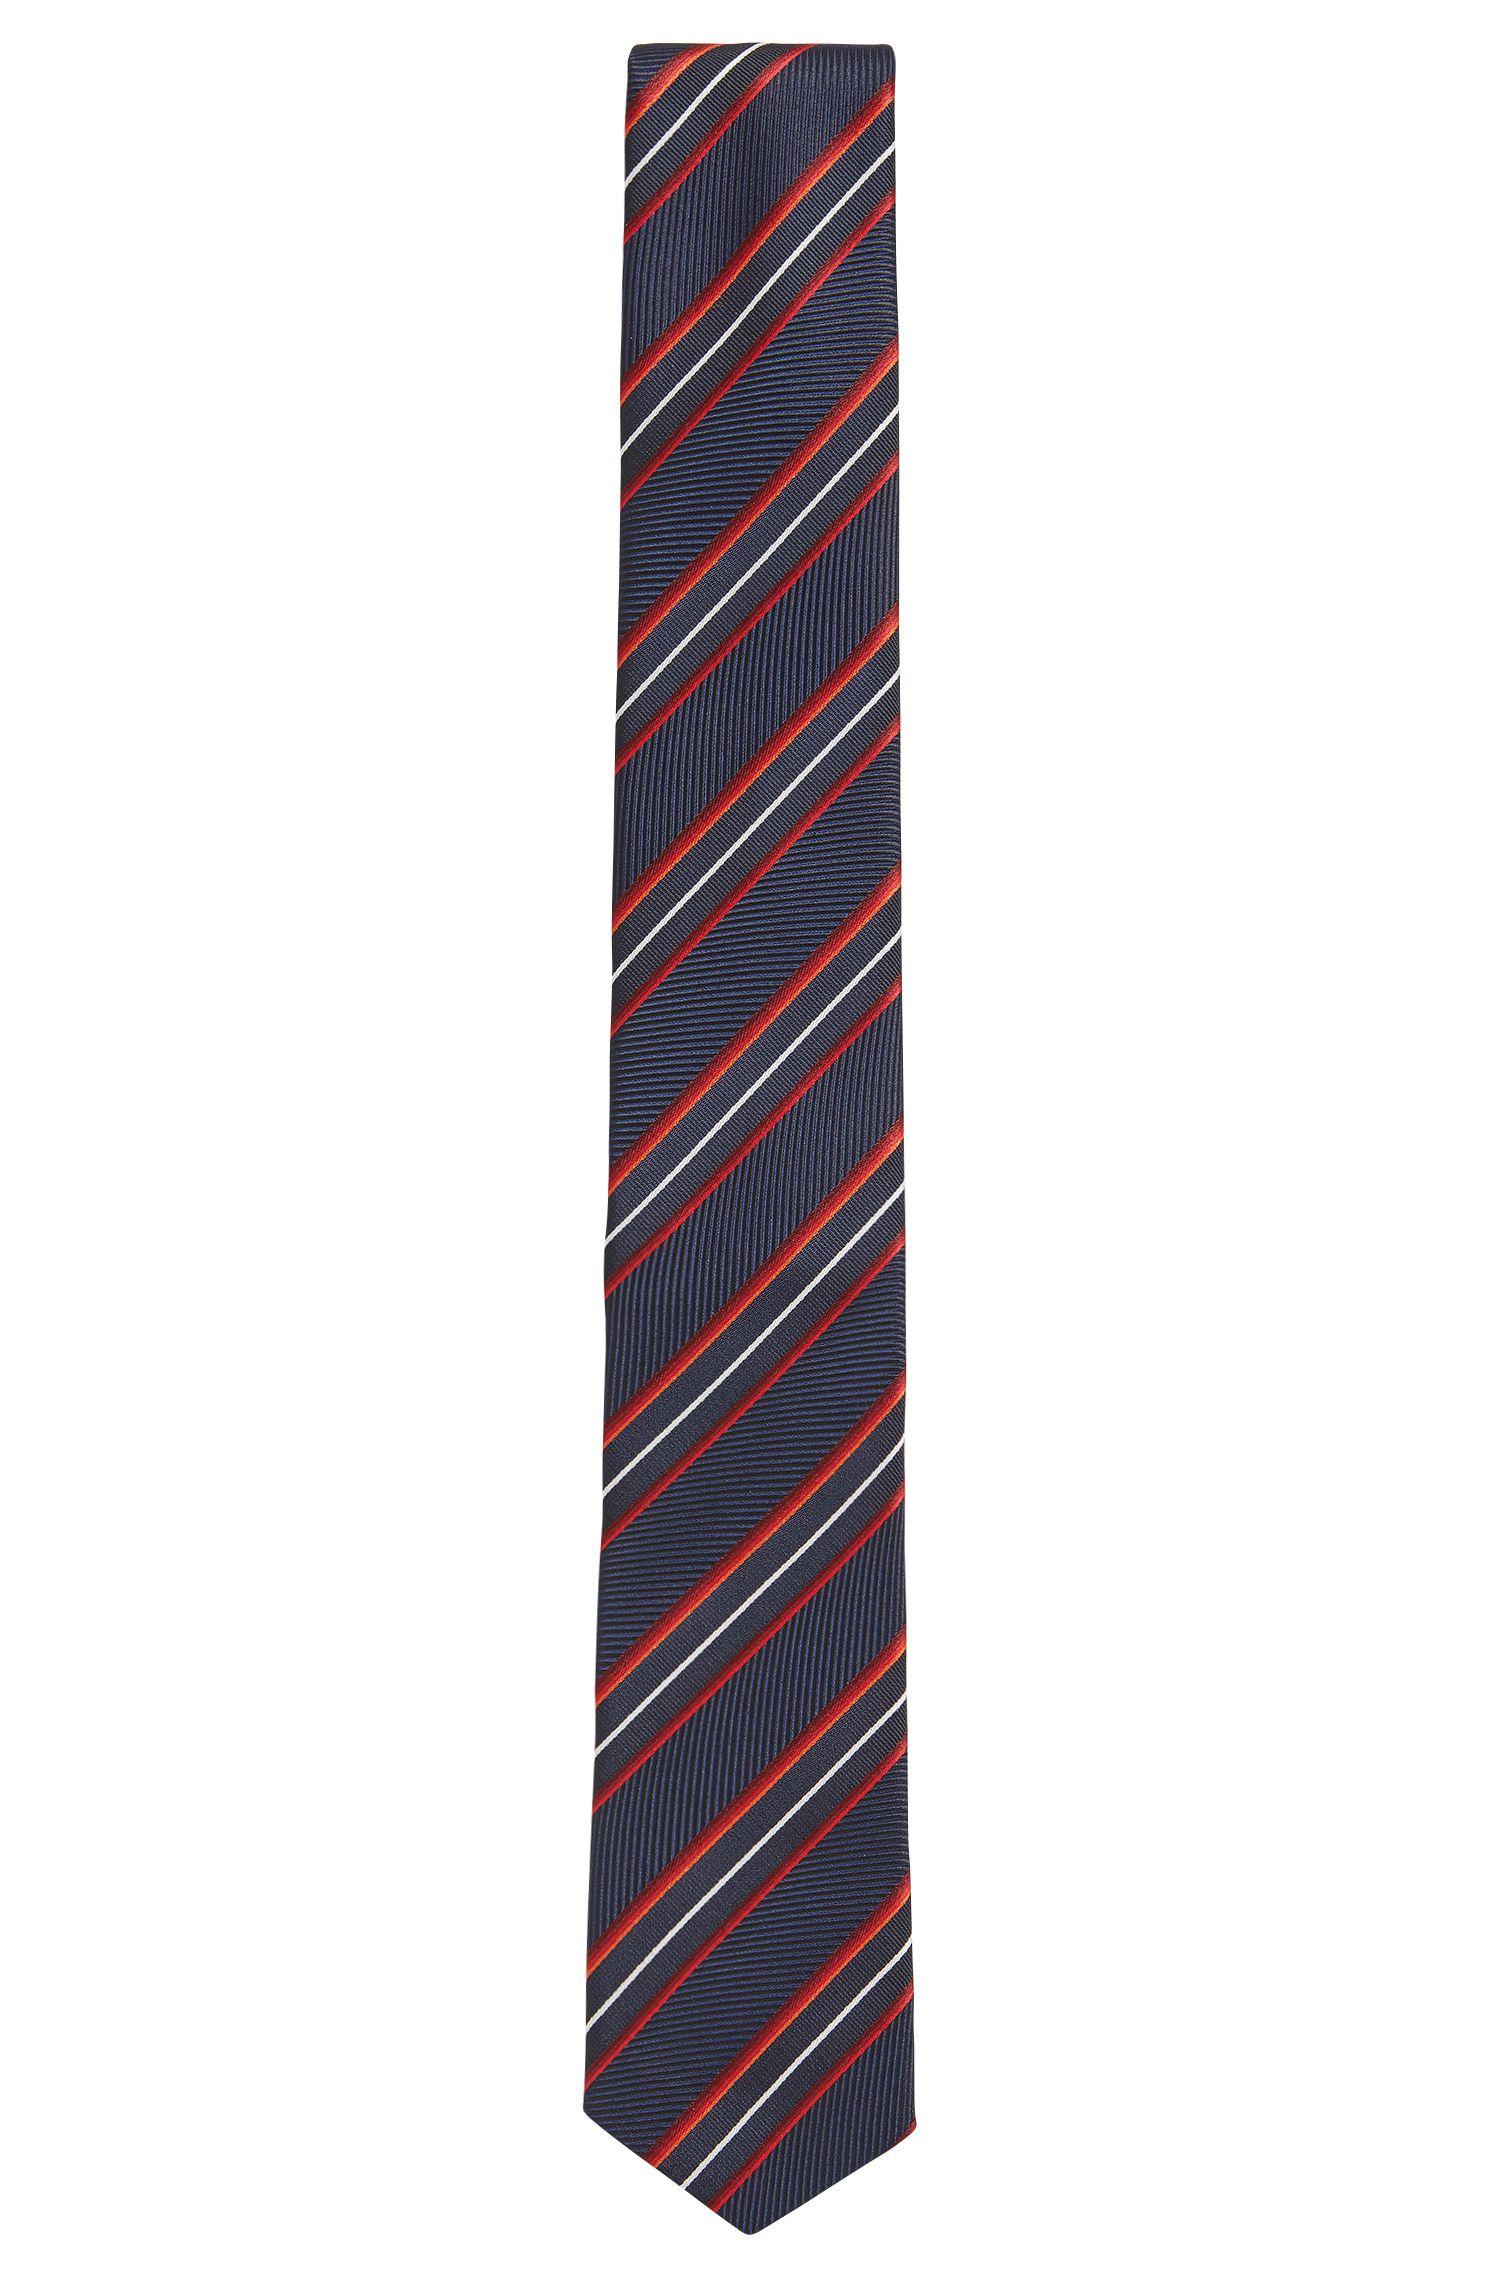 Corbata de seda con textura a rayas y extremo en punta